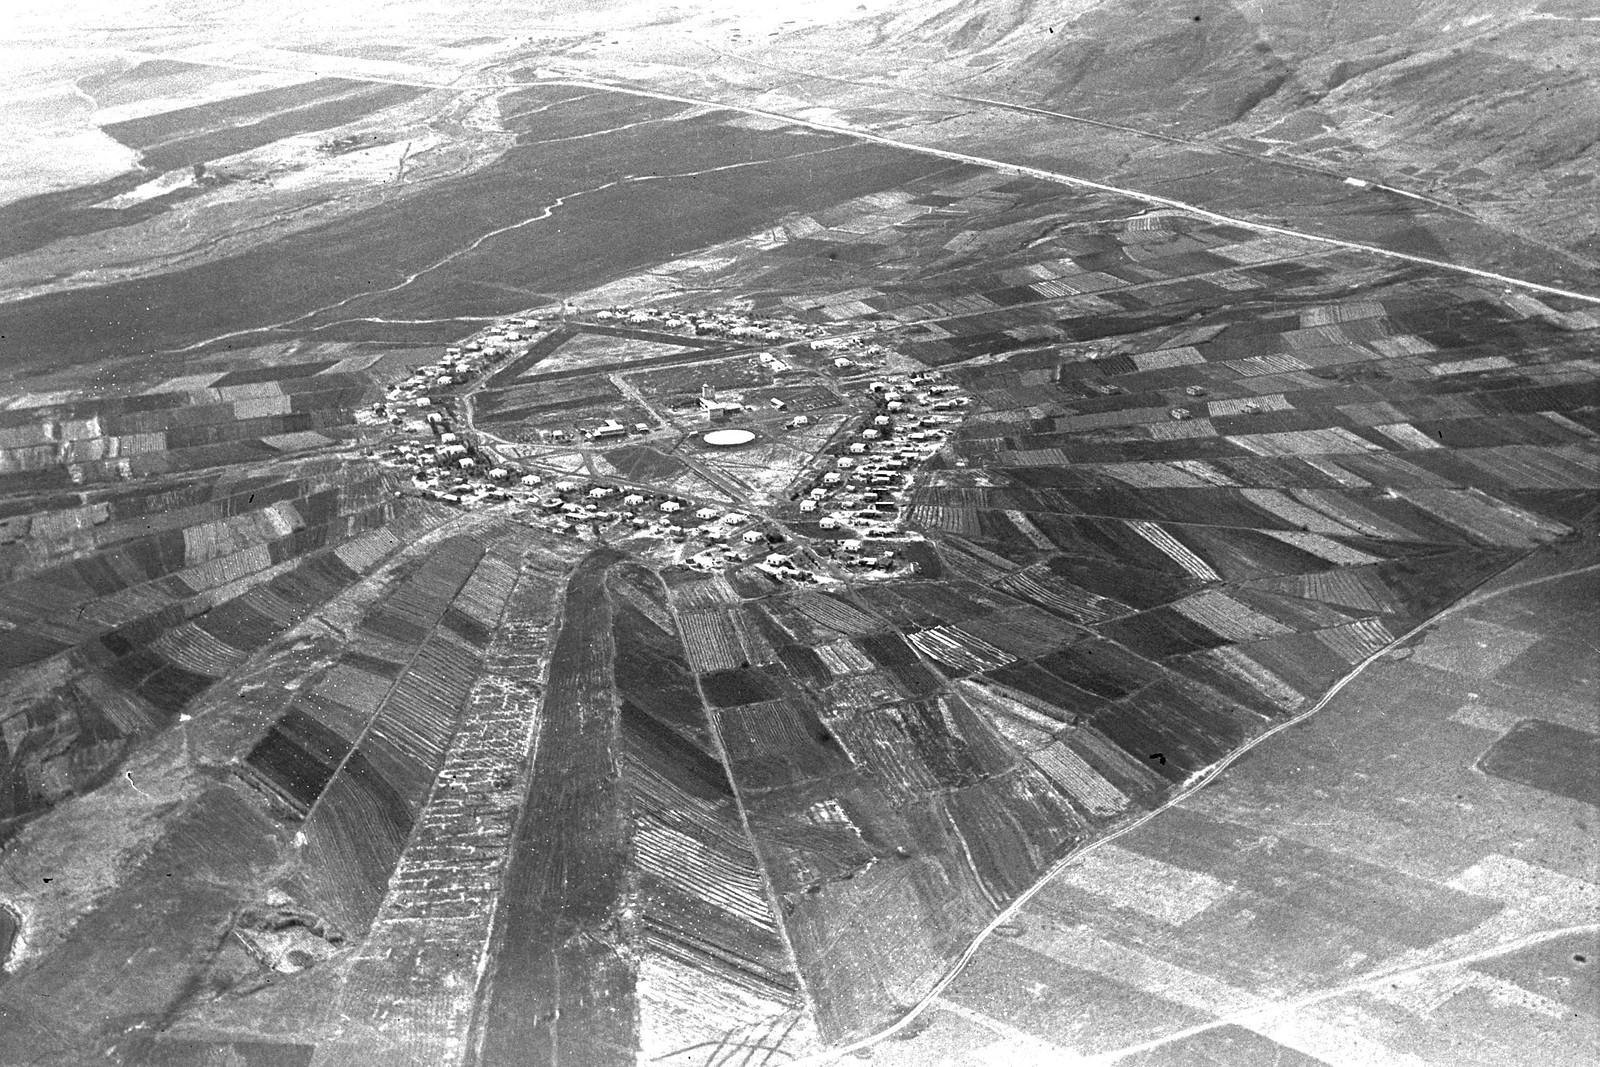 1946. Аэрофотоснимок мошава Бейт-Йосеф в долине Бейт-Шеан